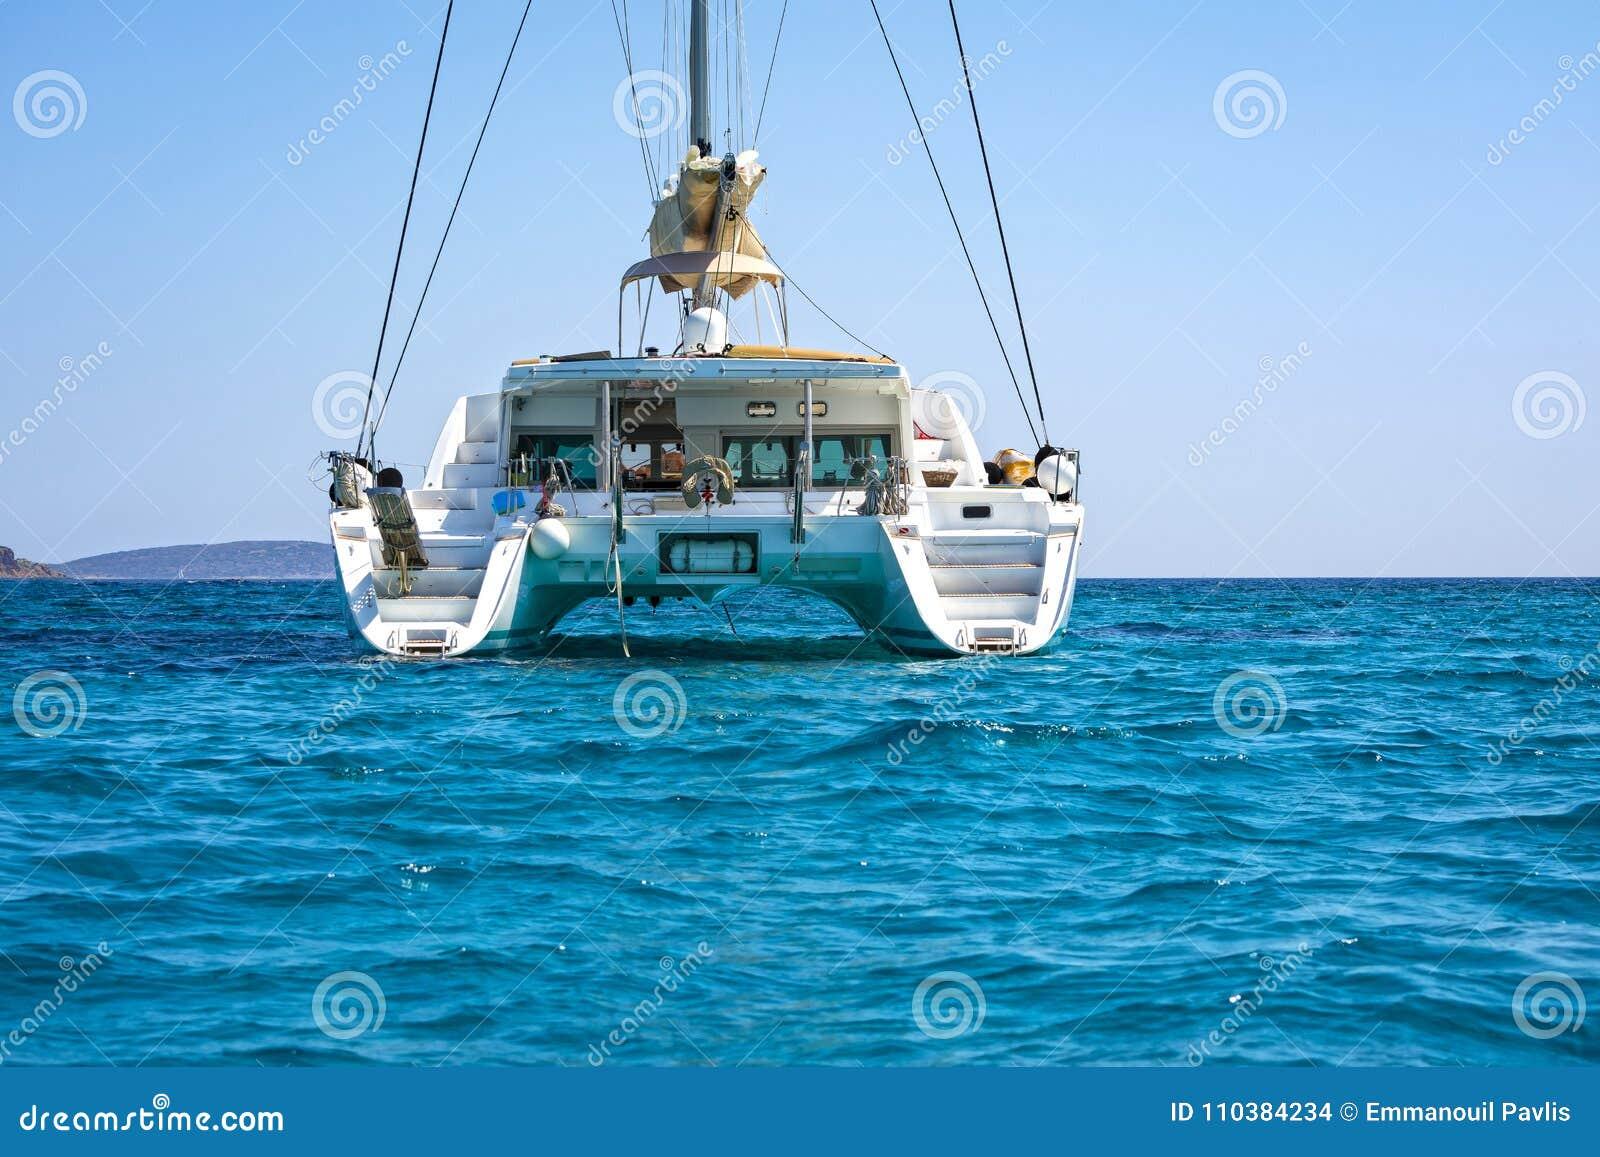 Segelnkatamaran im blauen Wasser des Ägäischen Meers